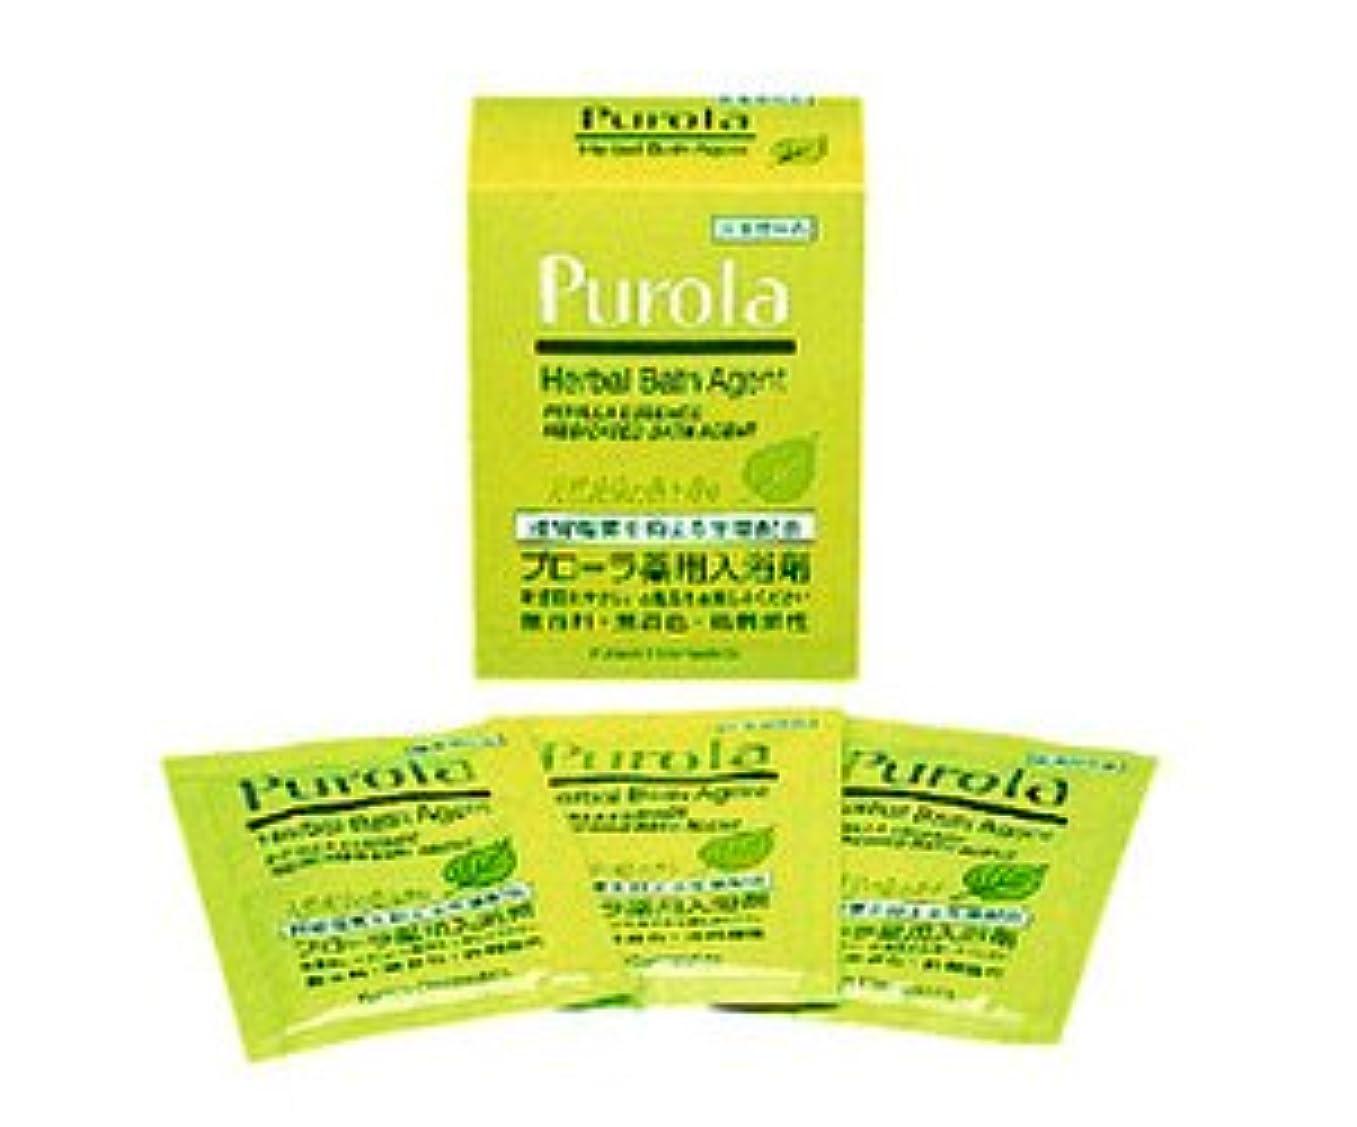 化学者ある松プローラ薬用入浴剤 25g×10包 低刺激性入浴剤